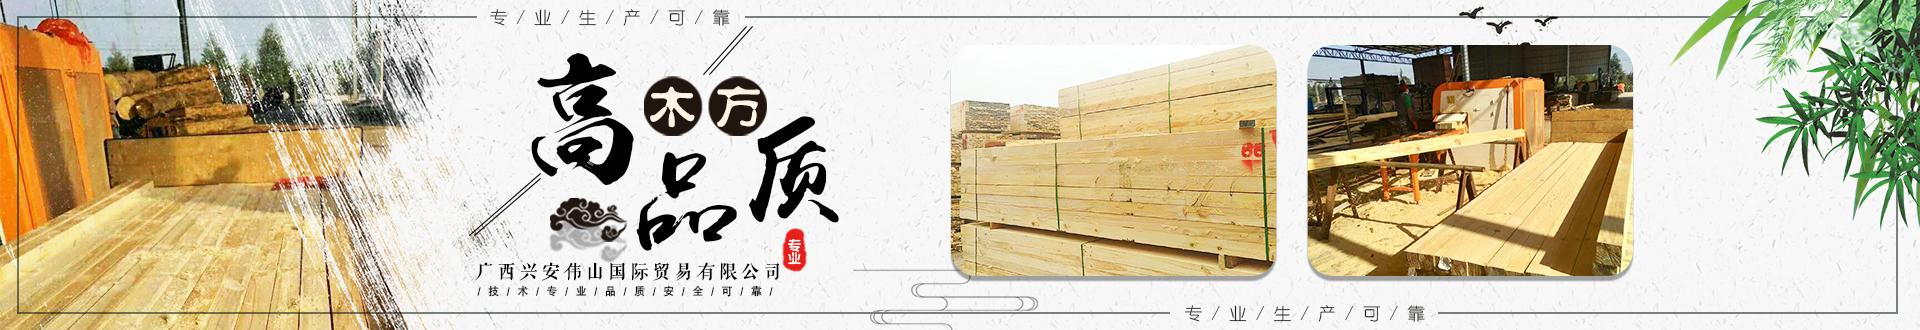 广西兴安伟山国际贸易有限公司